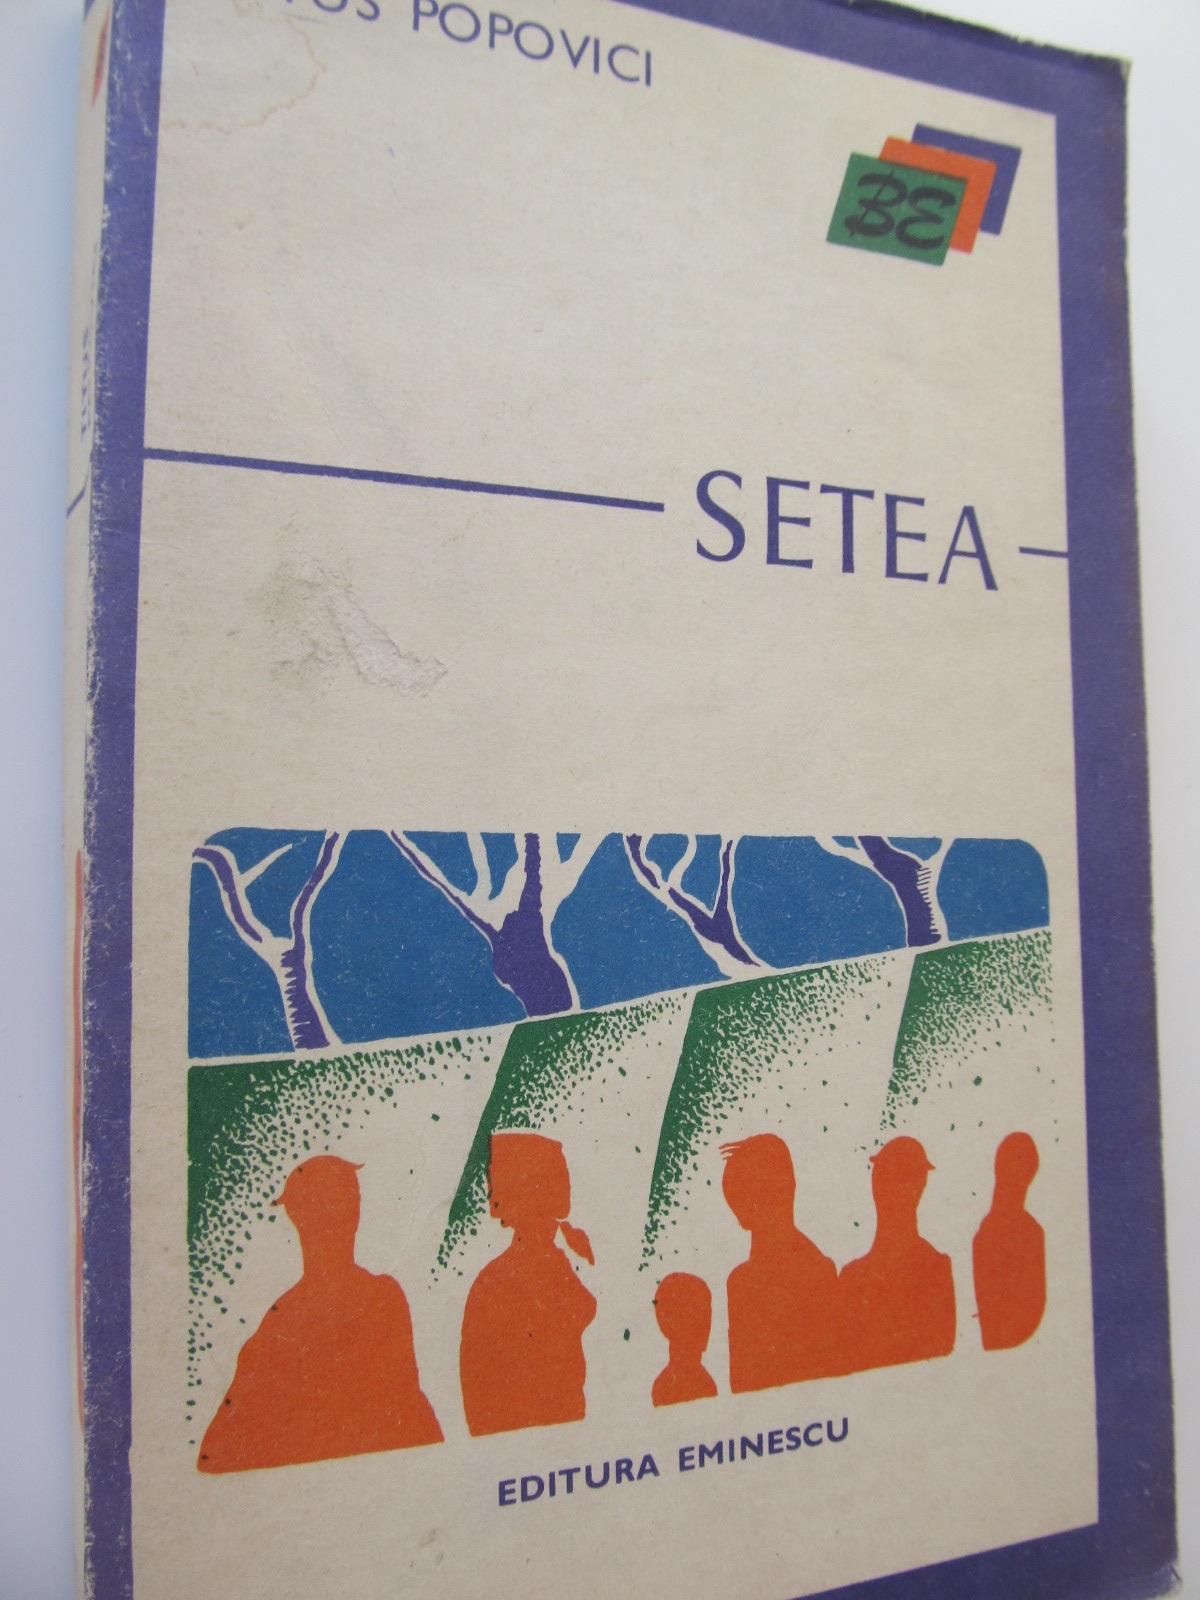 Carte Setea - Titus Popovici